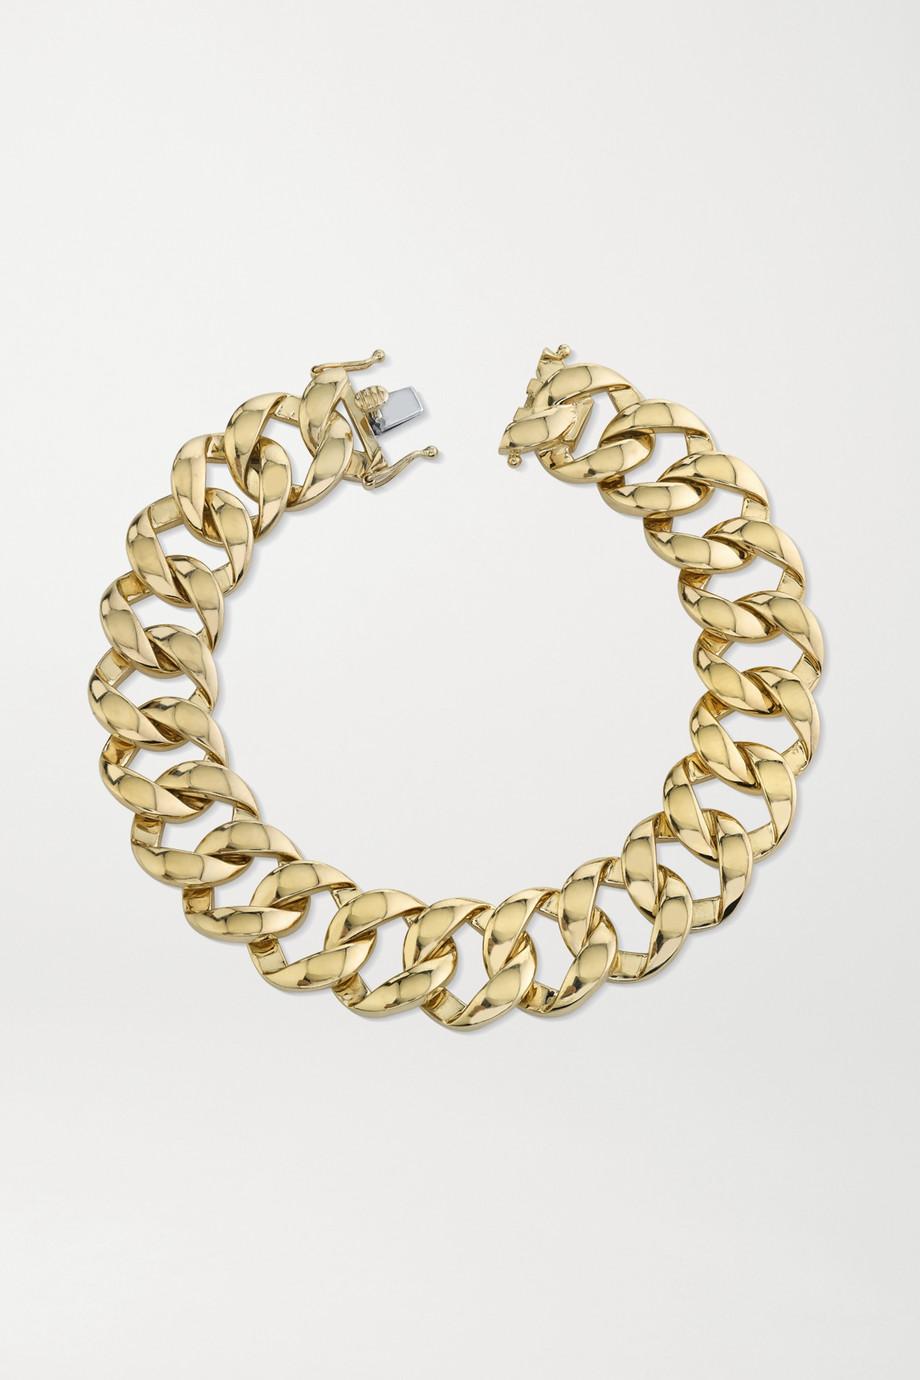 Anita Ko Armband aus 18 Karat Gold